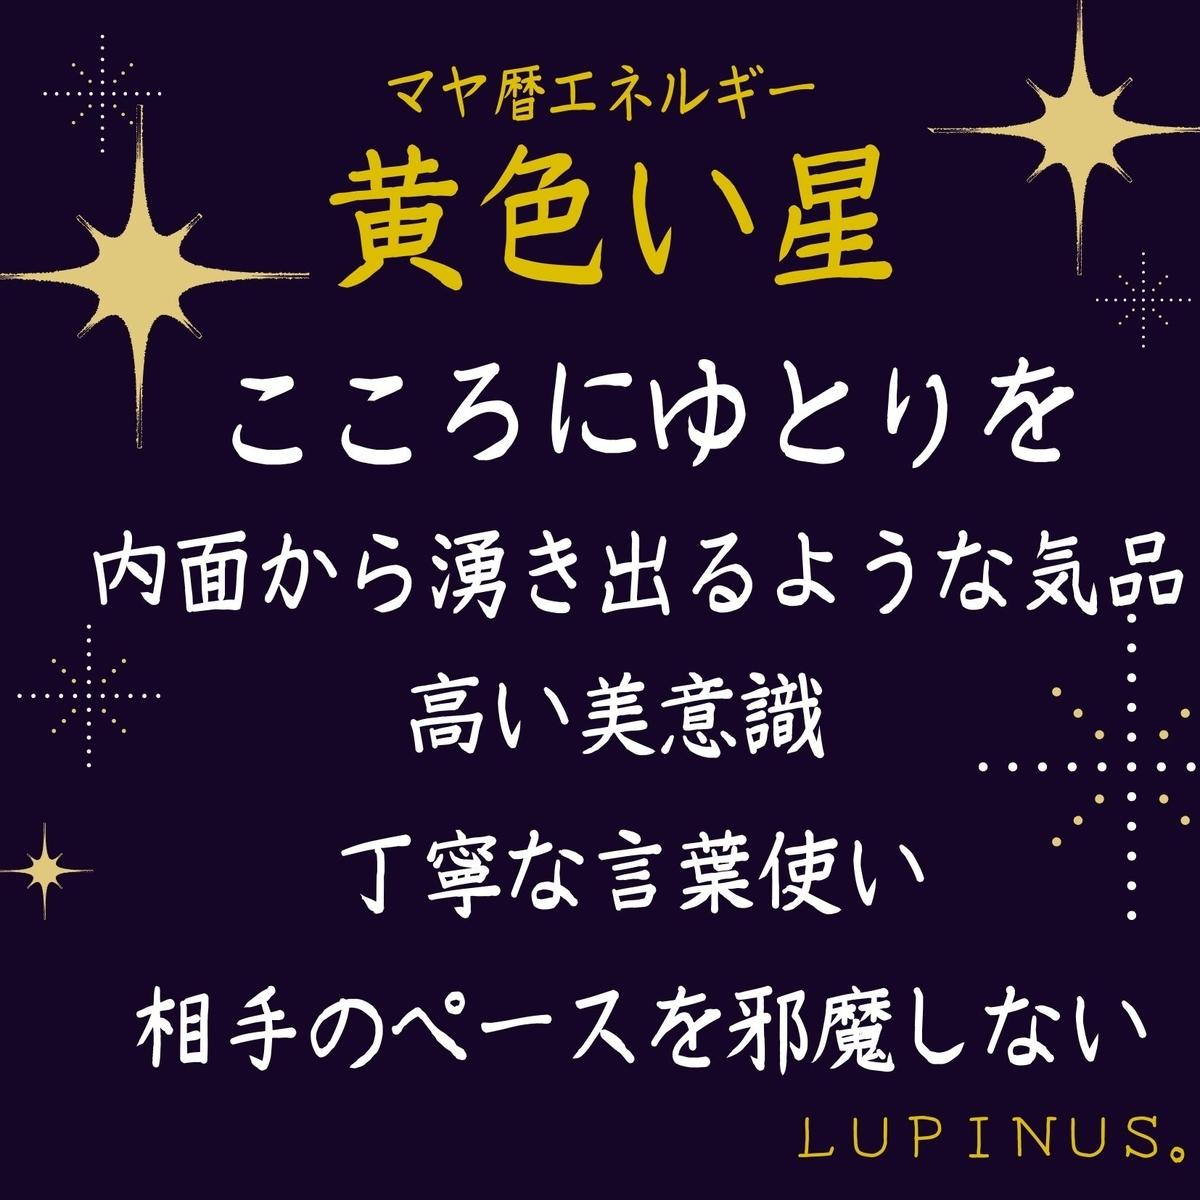 f:id:Lupinus104:20201130043020j:plain